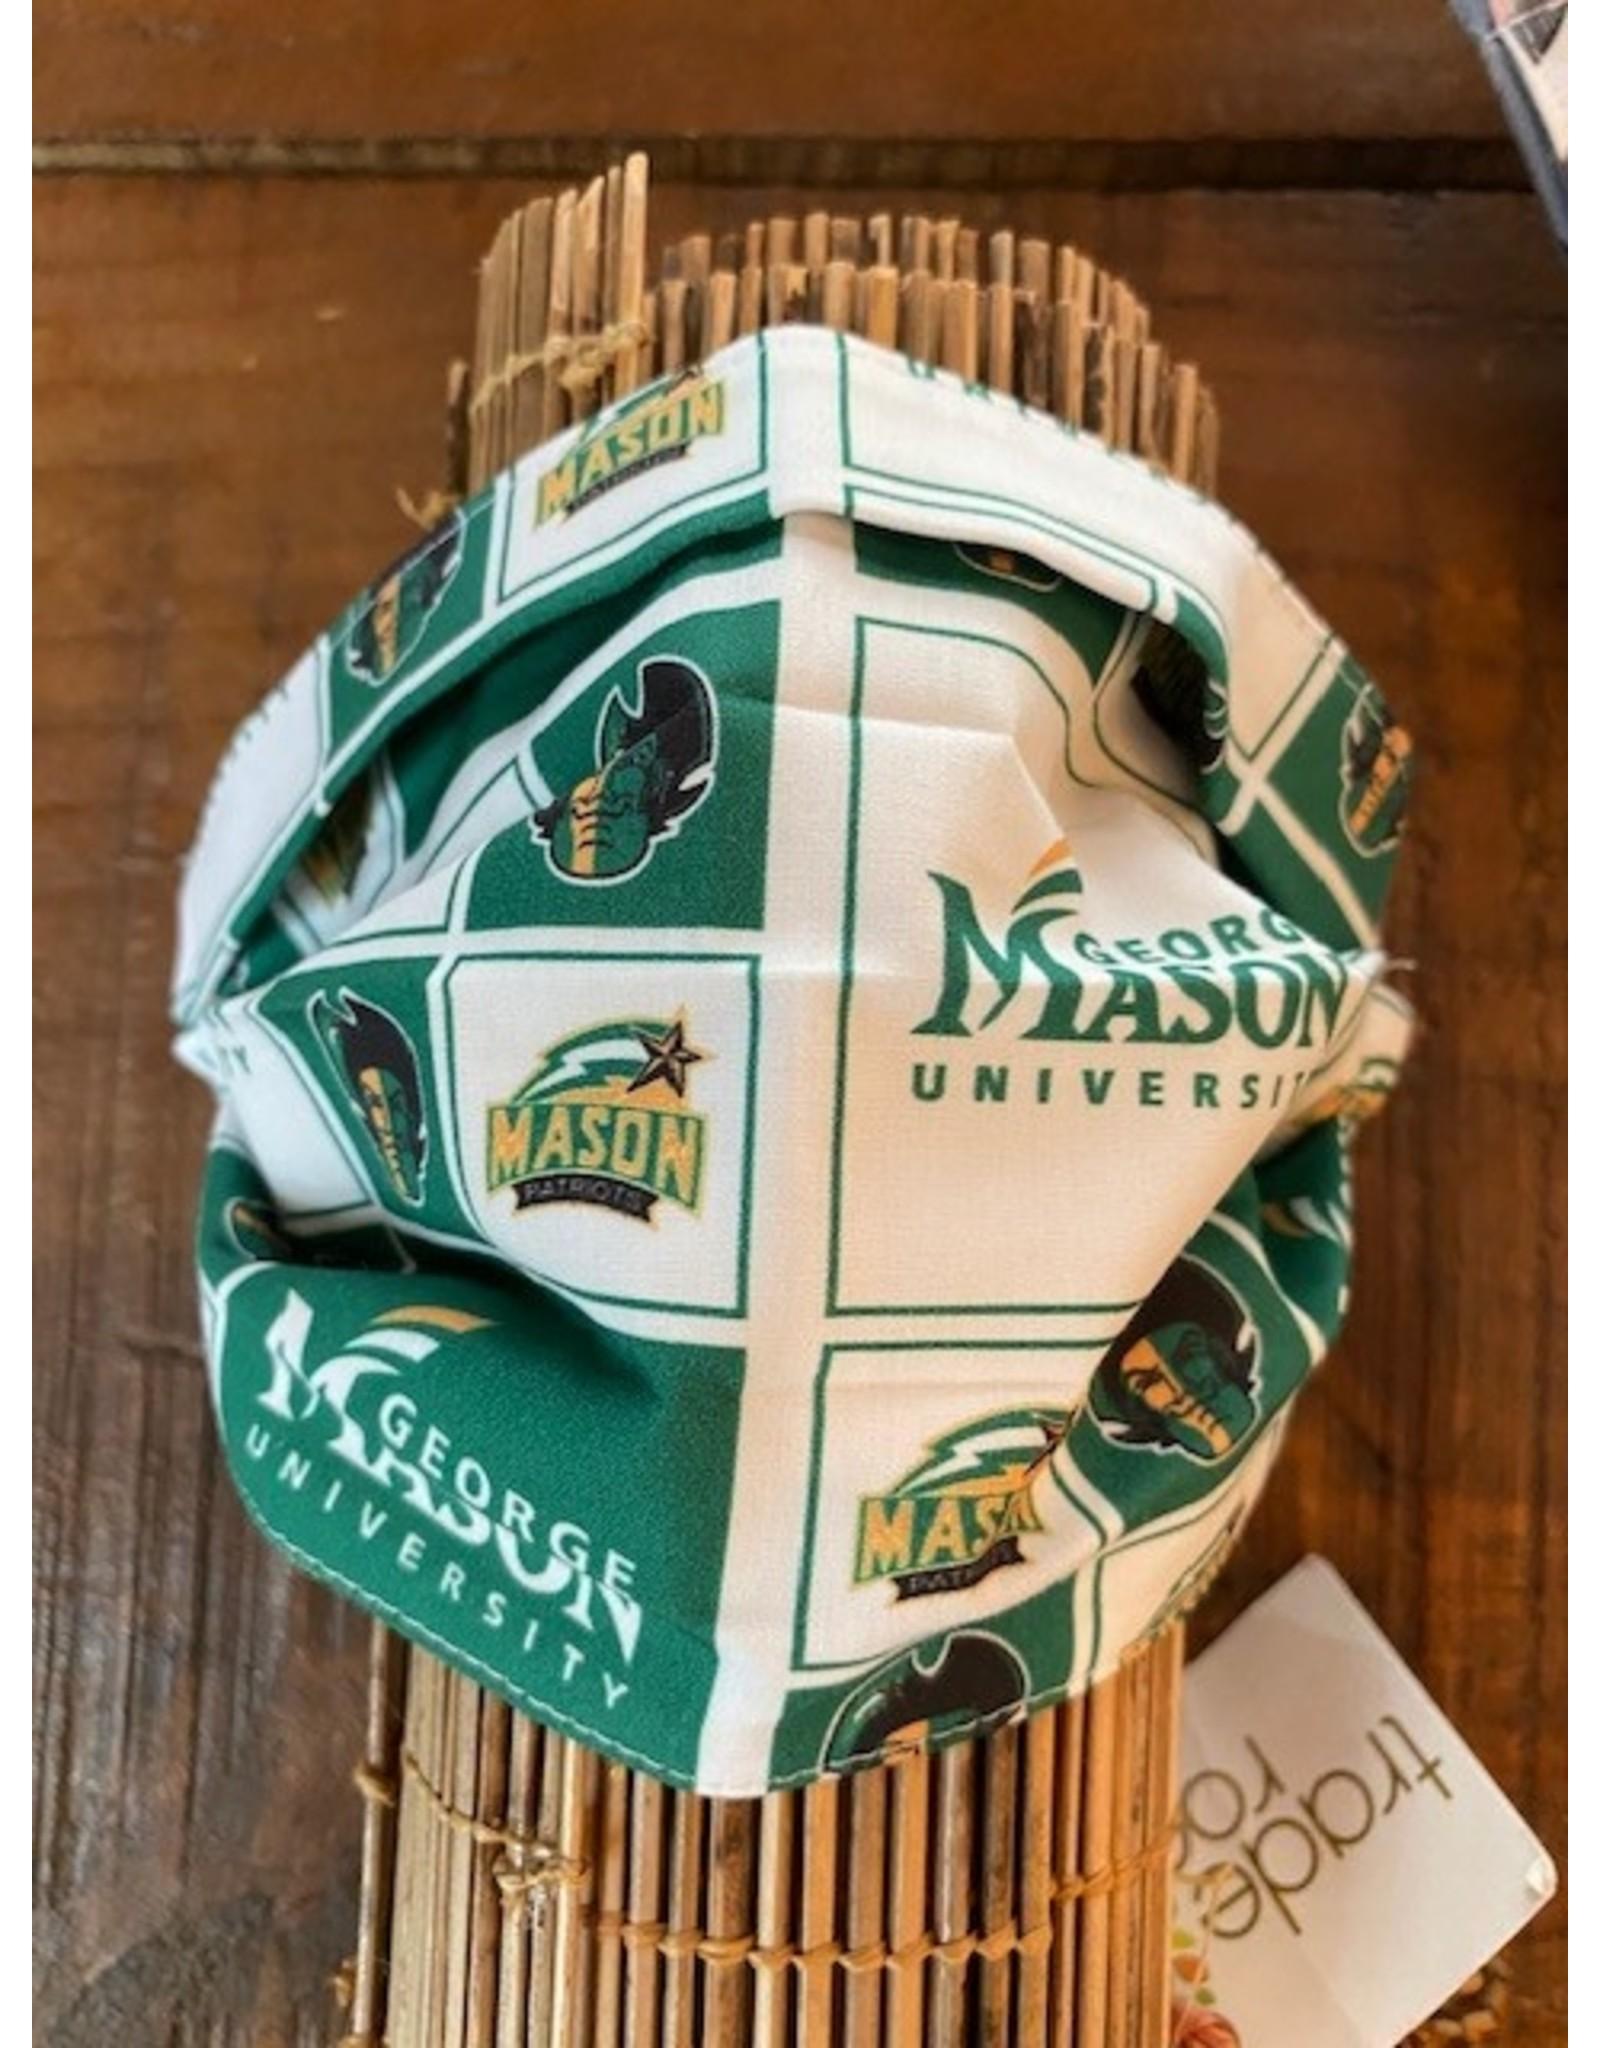 George Mason University Mask